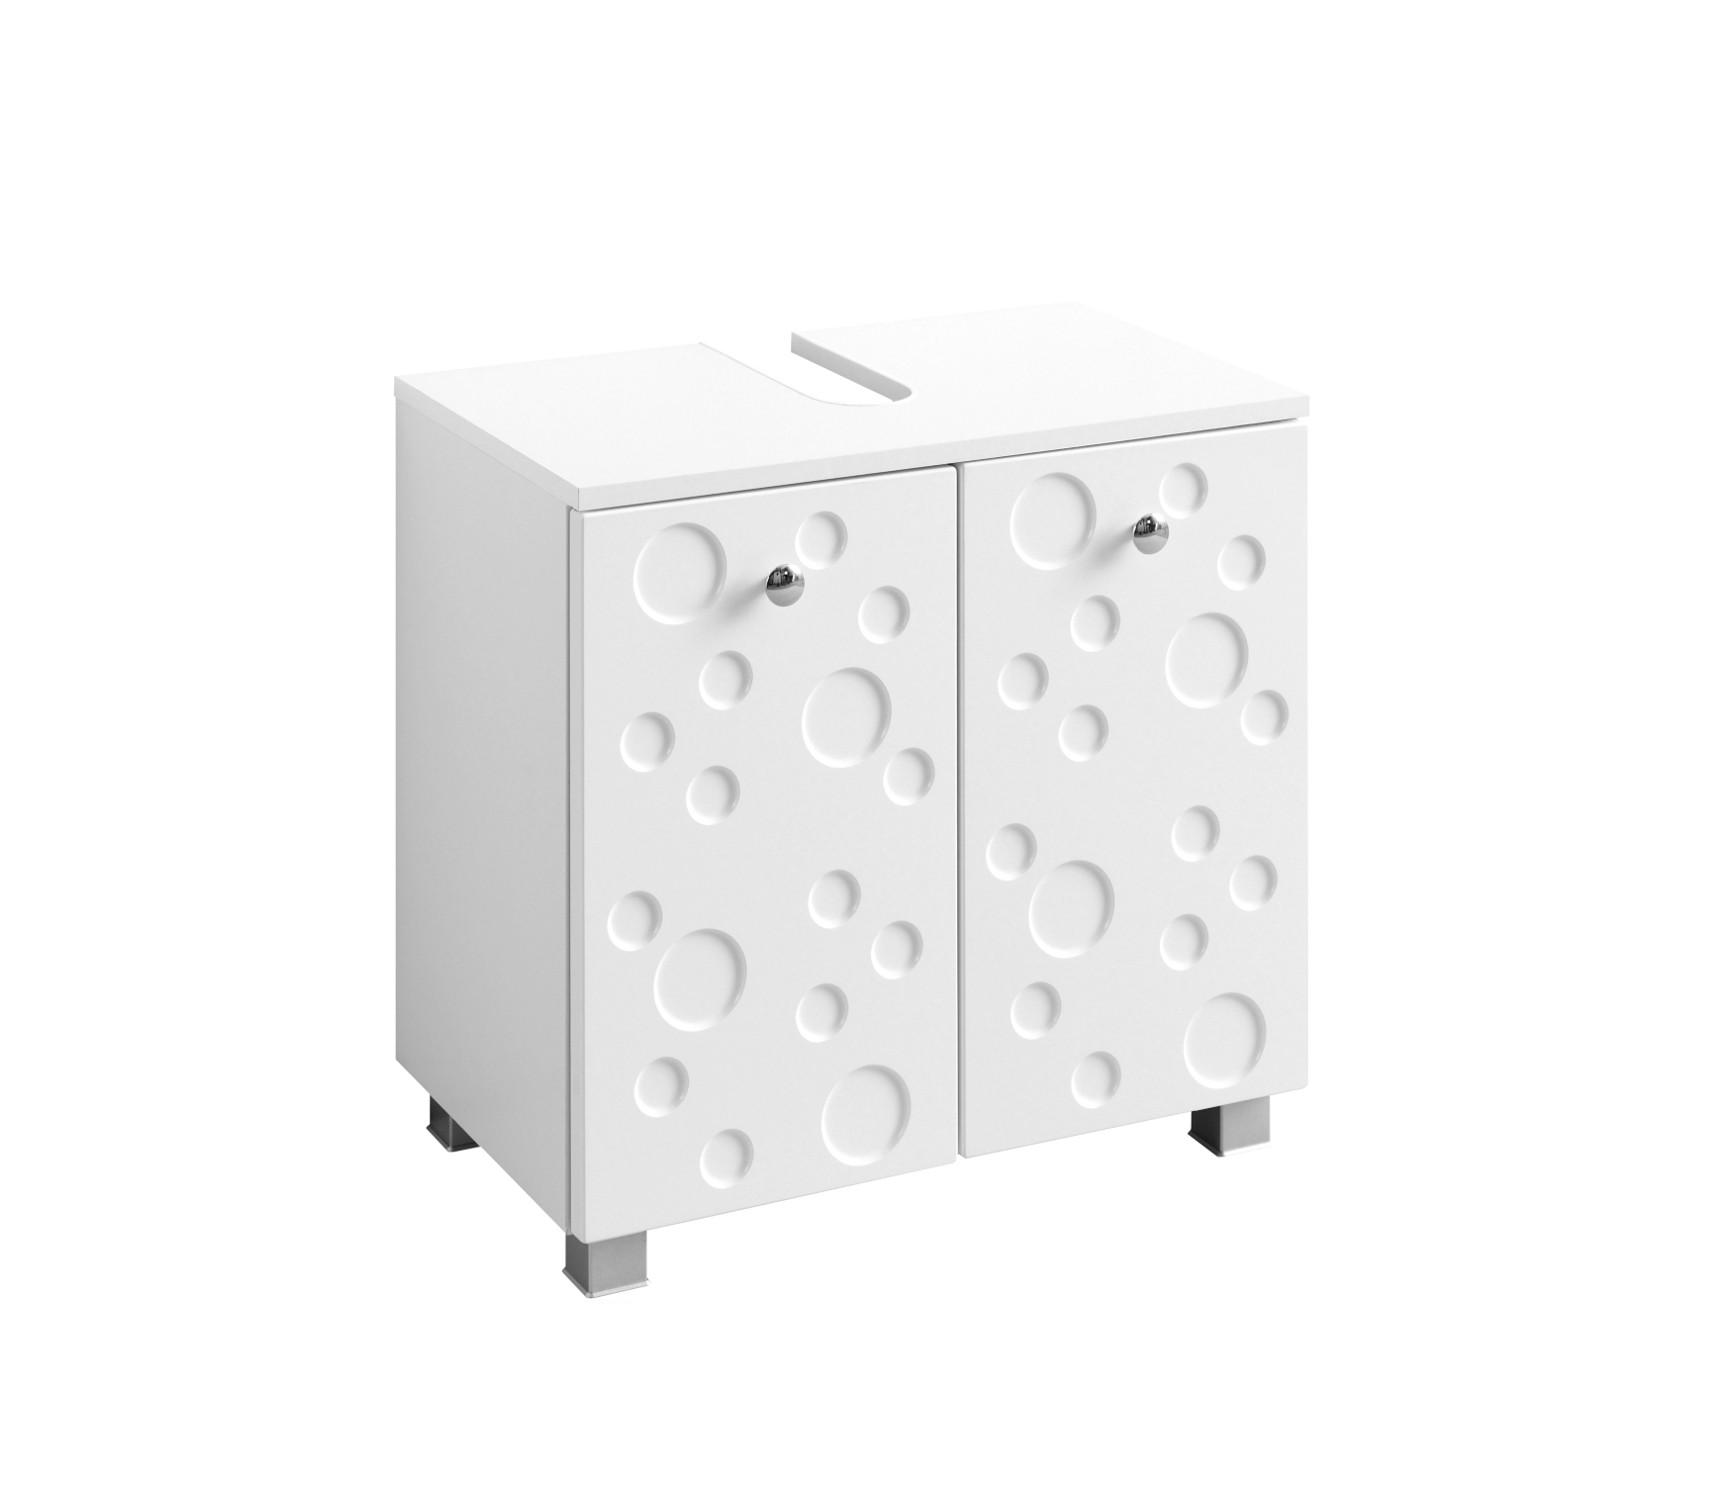 badezimmer set bubble badset mit waschbeckenschrank und spiegel 60 cm weiss ebay. Black Bedroom Furniture Sets. Home Design Ideas